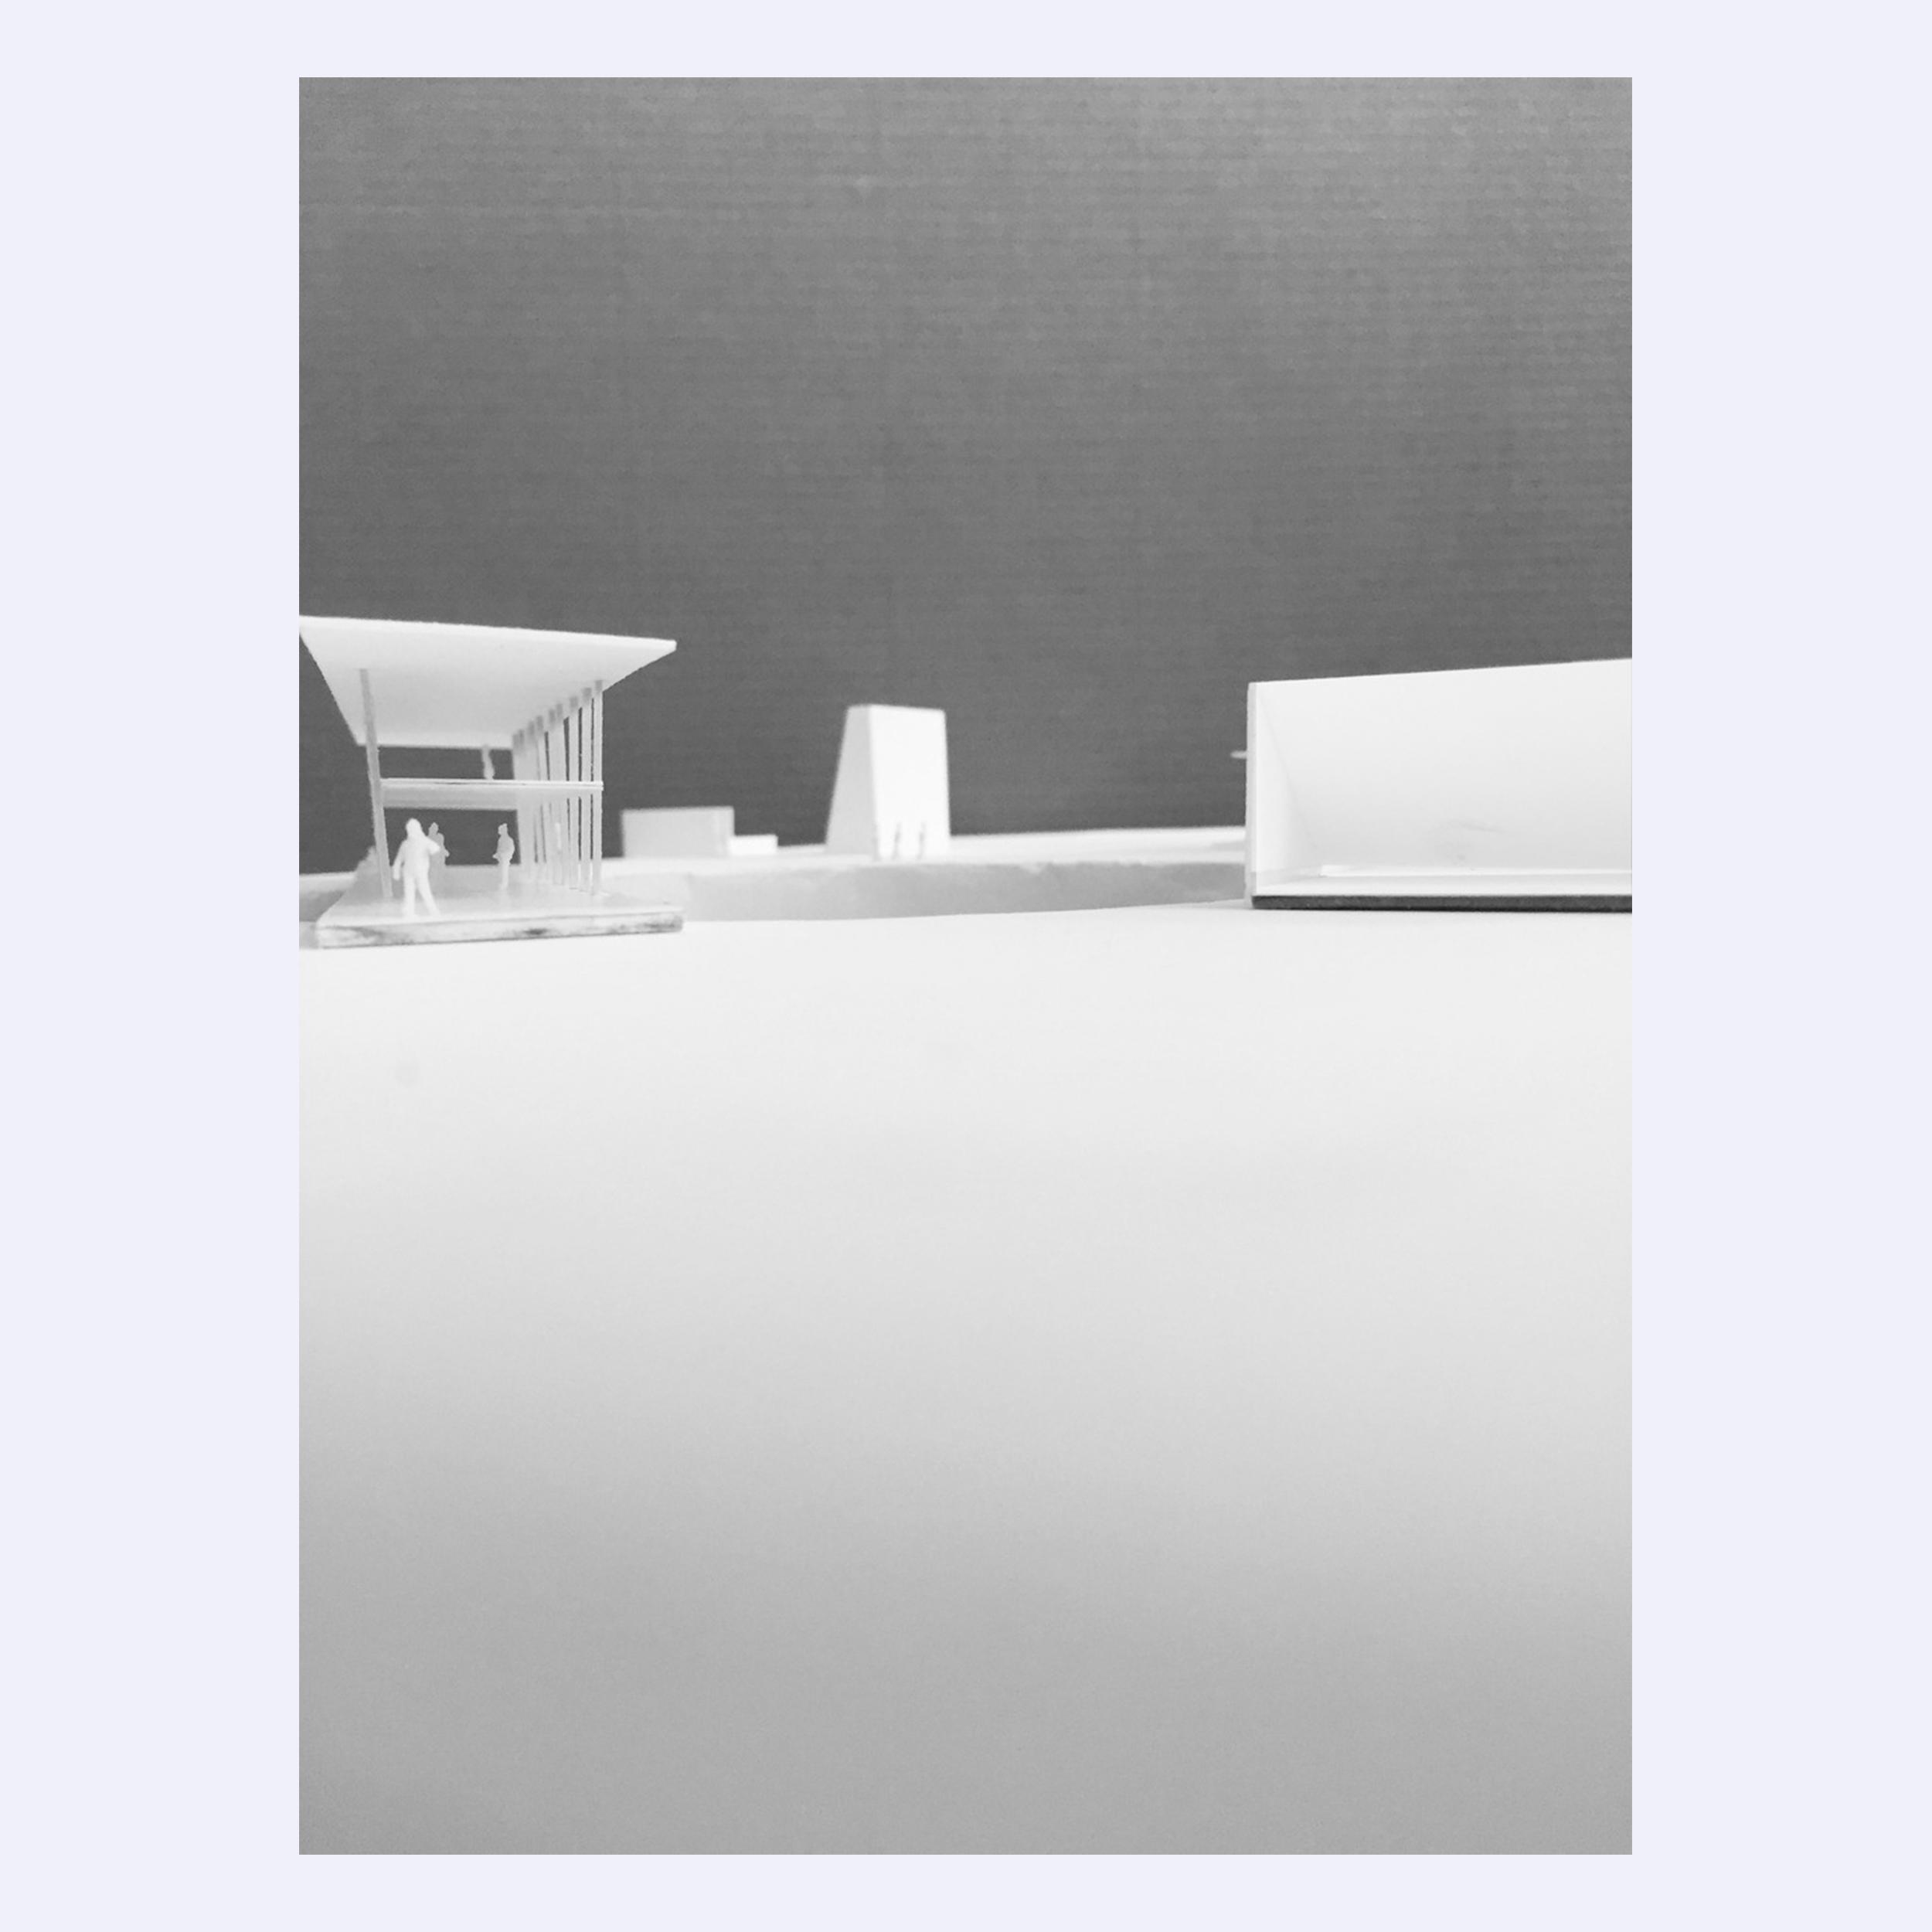 8_Model.jpg